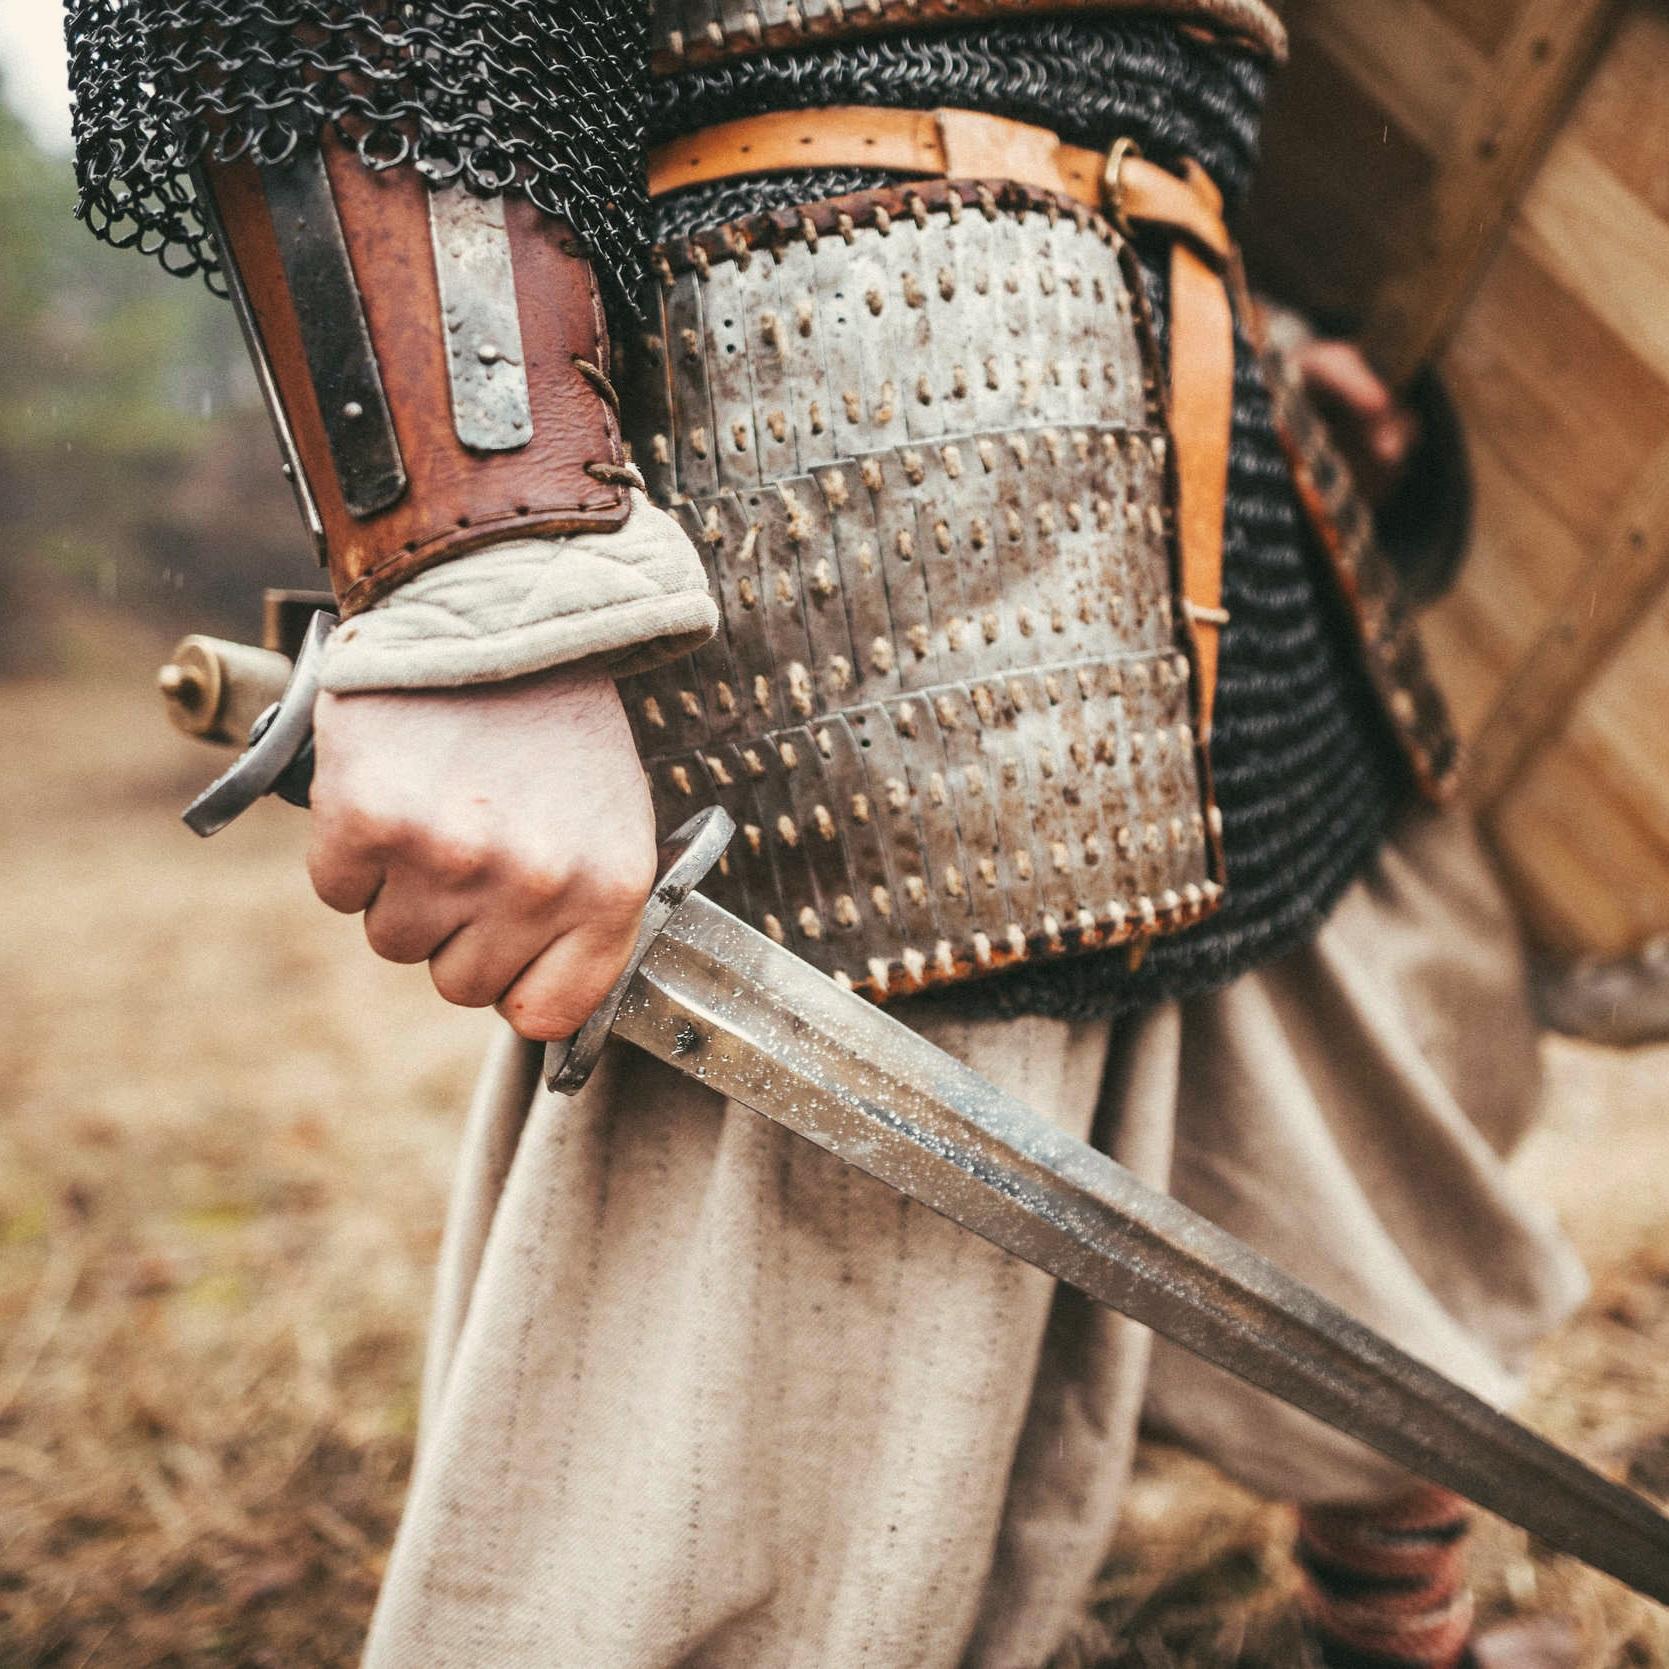 Šermiarske show - Vikingovia, bájni Gréci, ale aj stredovekí žoldnieri či pestrofarební Landsknechti vo veľkých vojenských formáciách.